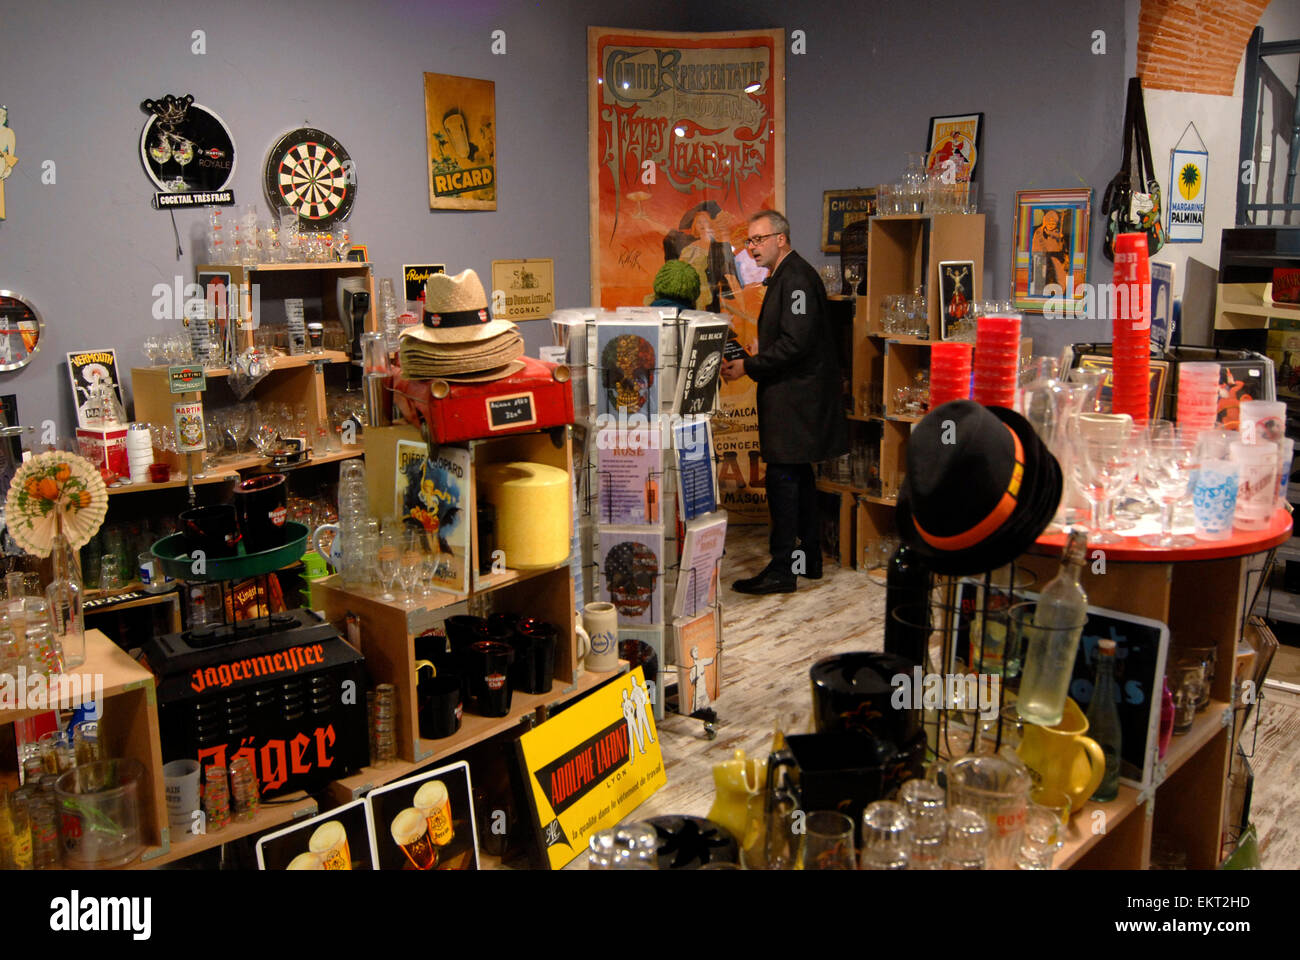 Antiques Shop Au Bazar de Beru ,Rue de Sainte Ursule Toulouse, Midi-Pyrénées, France - Stock Image